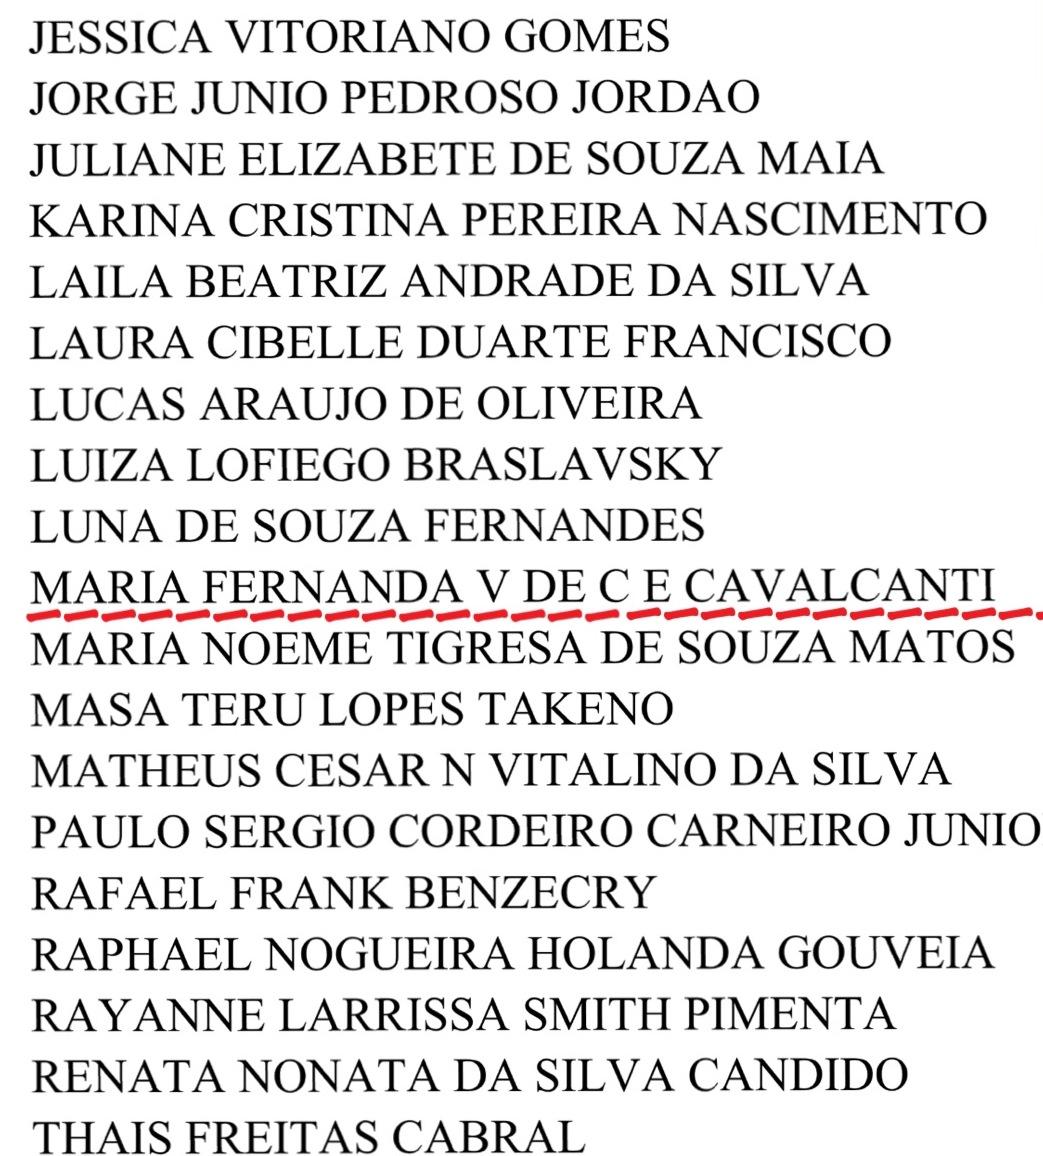 UFAM - PSC - Direito Noturno - 29/12/2011